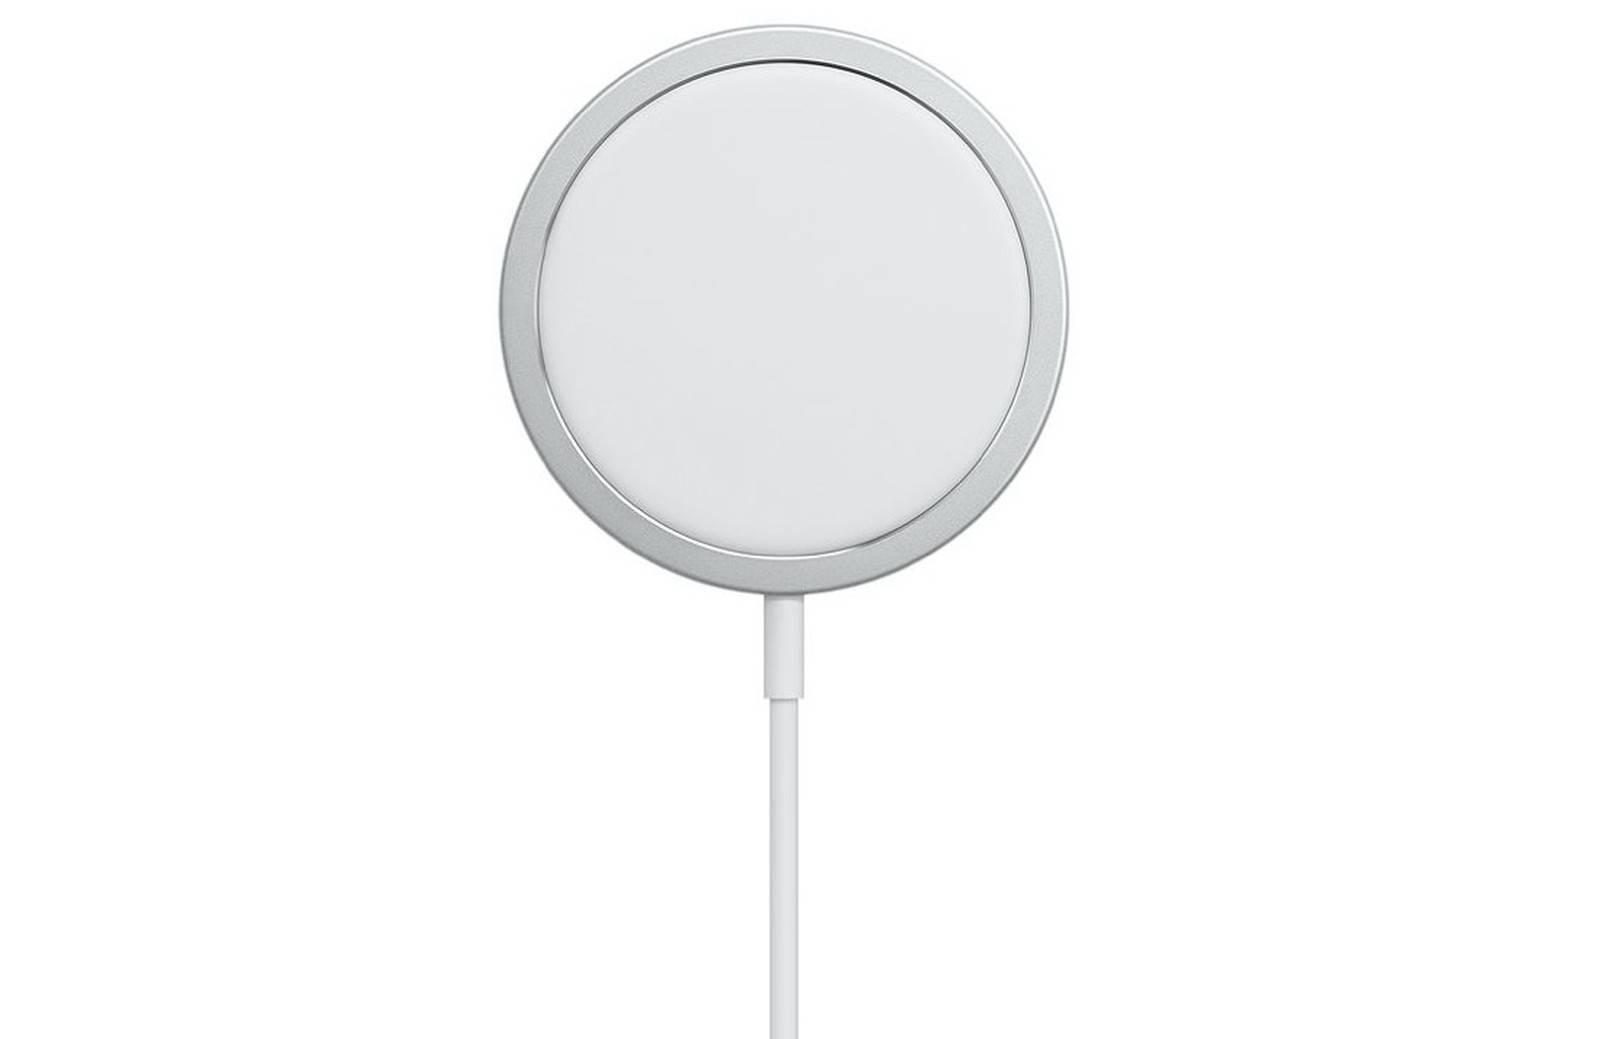 苹果针对iPhone 12可能引起的电磁干扰分享更多信息